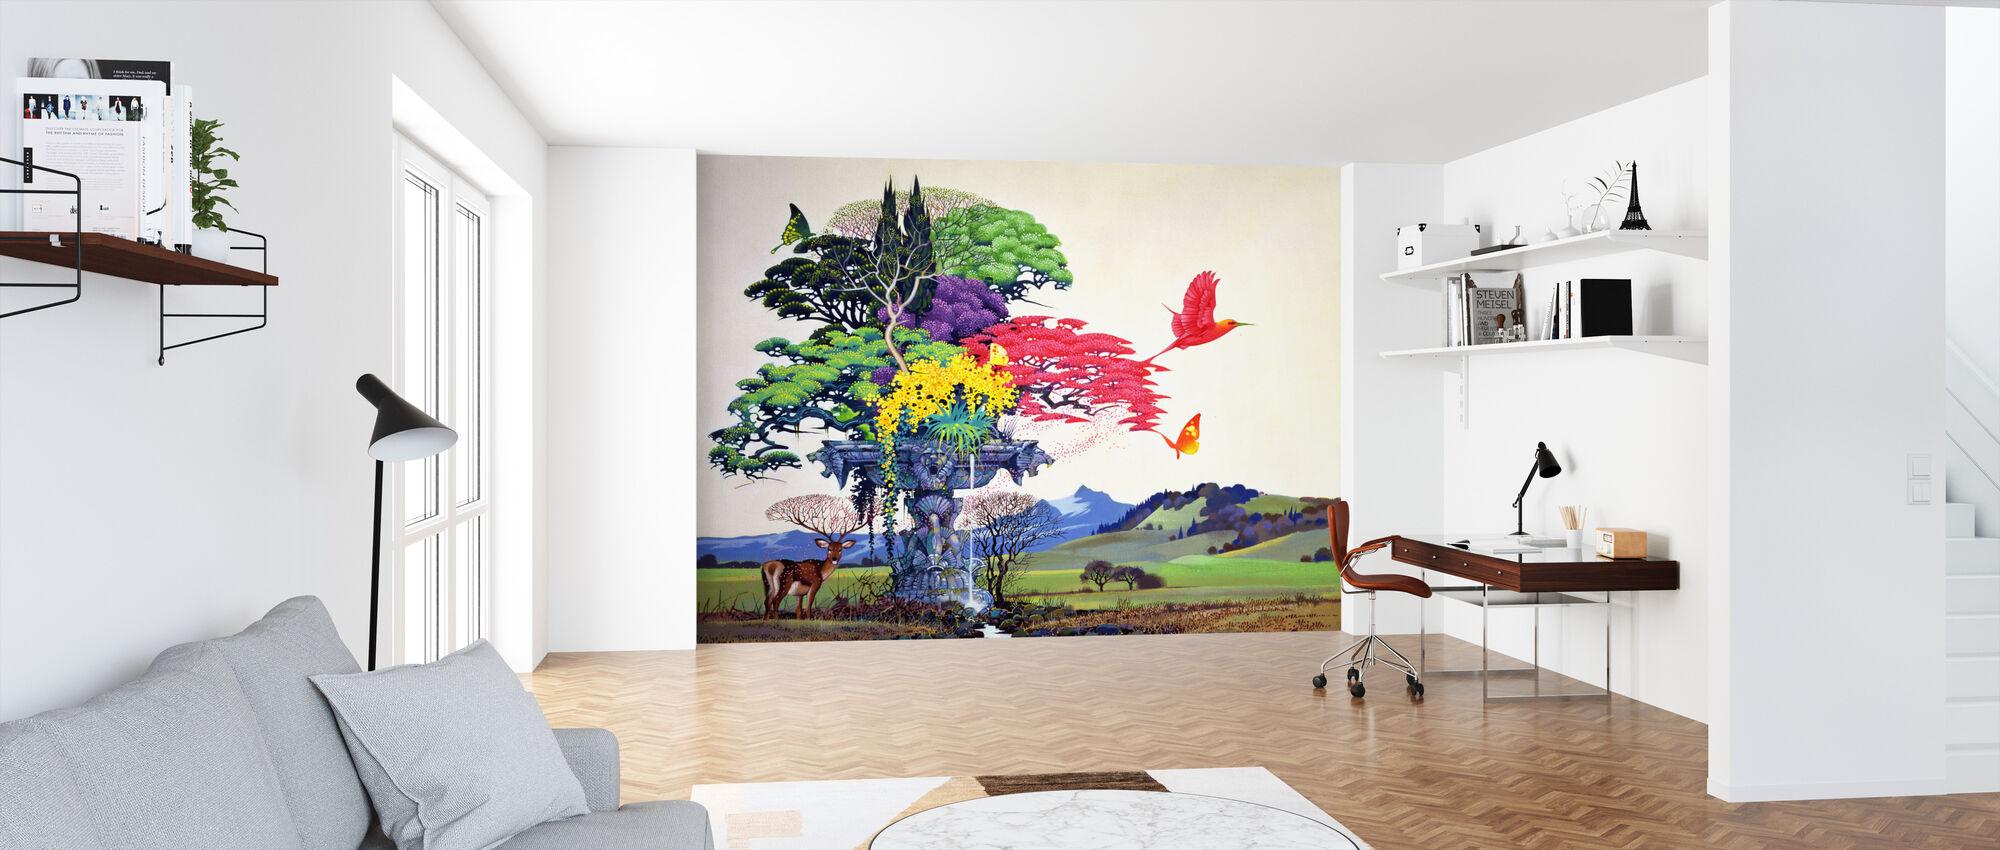 Regenboog Boom - Behang - Kantoor